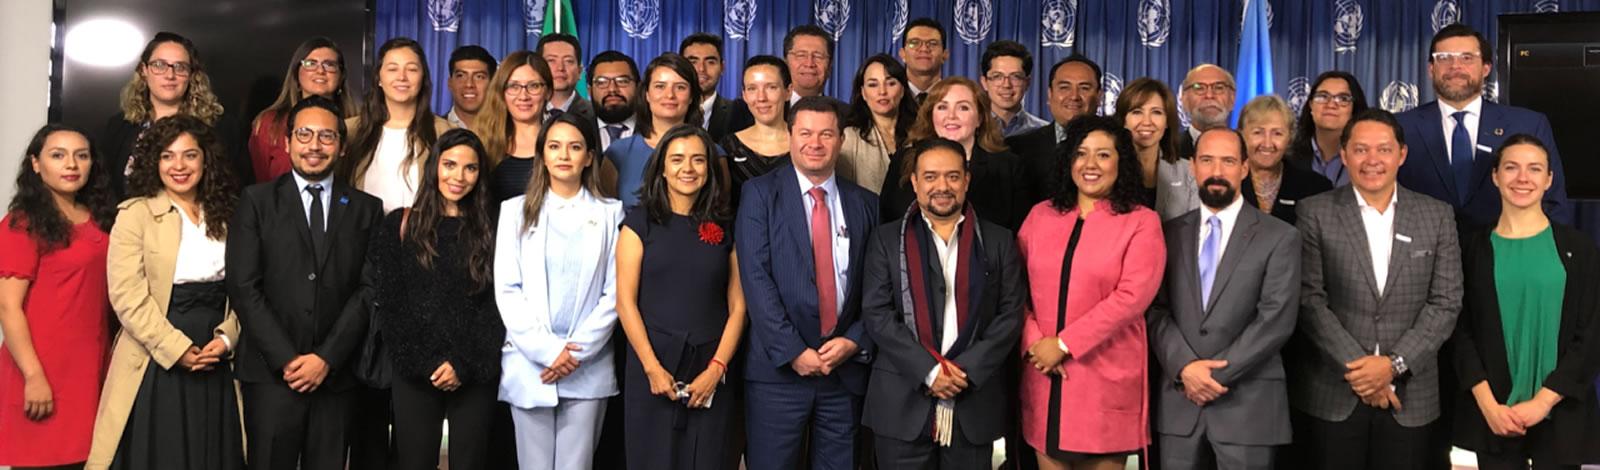 Distintivo de Probidad impulsa nueva cultura ética y de integridad empresarial en México